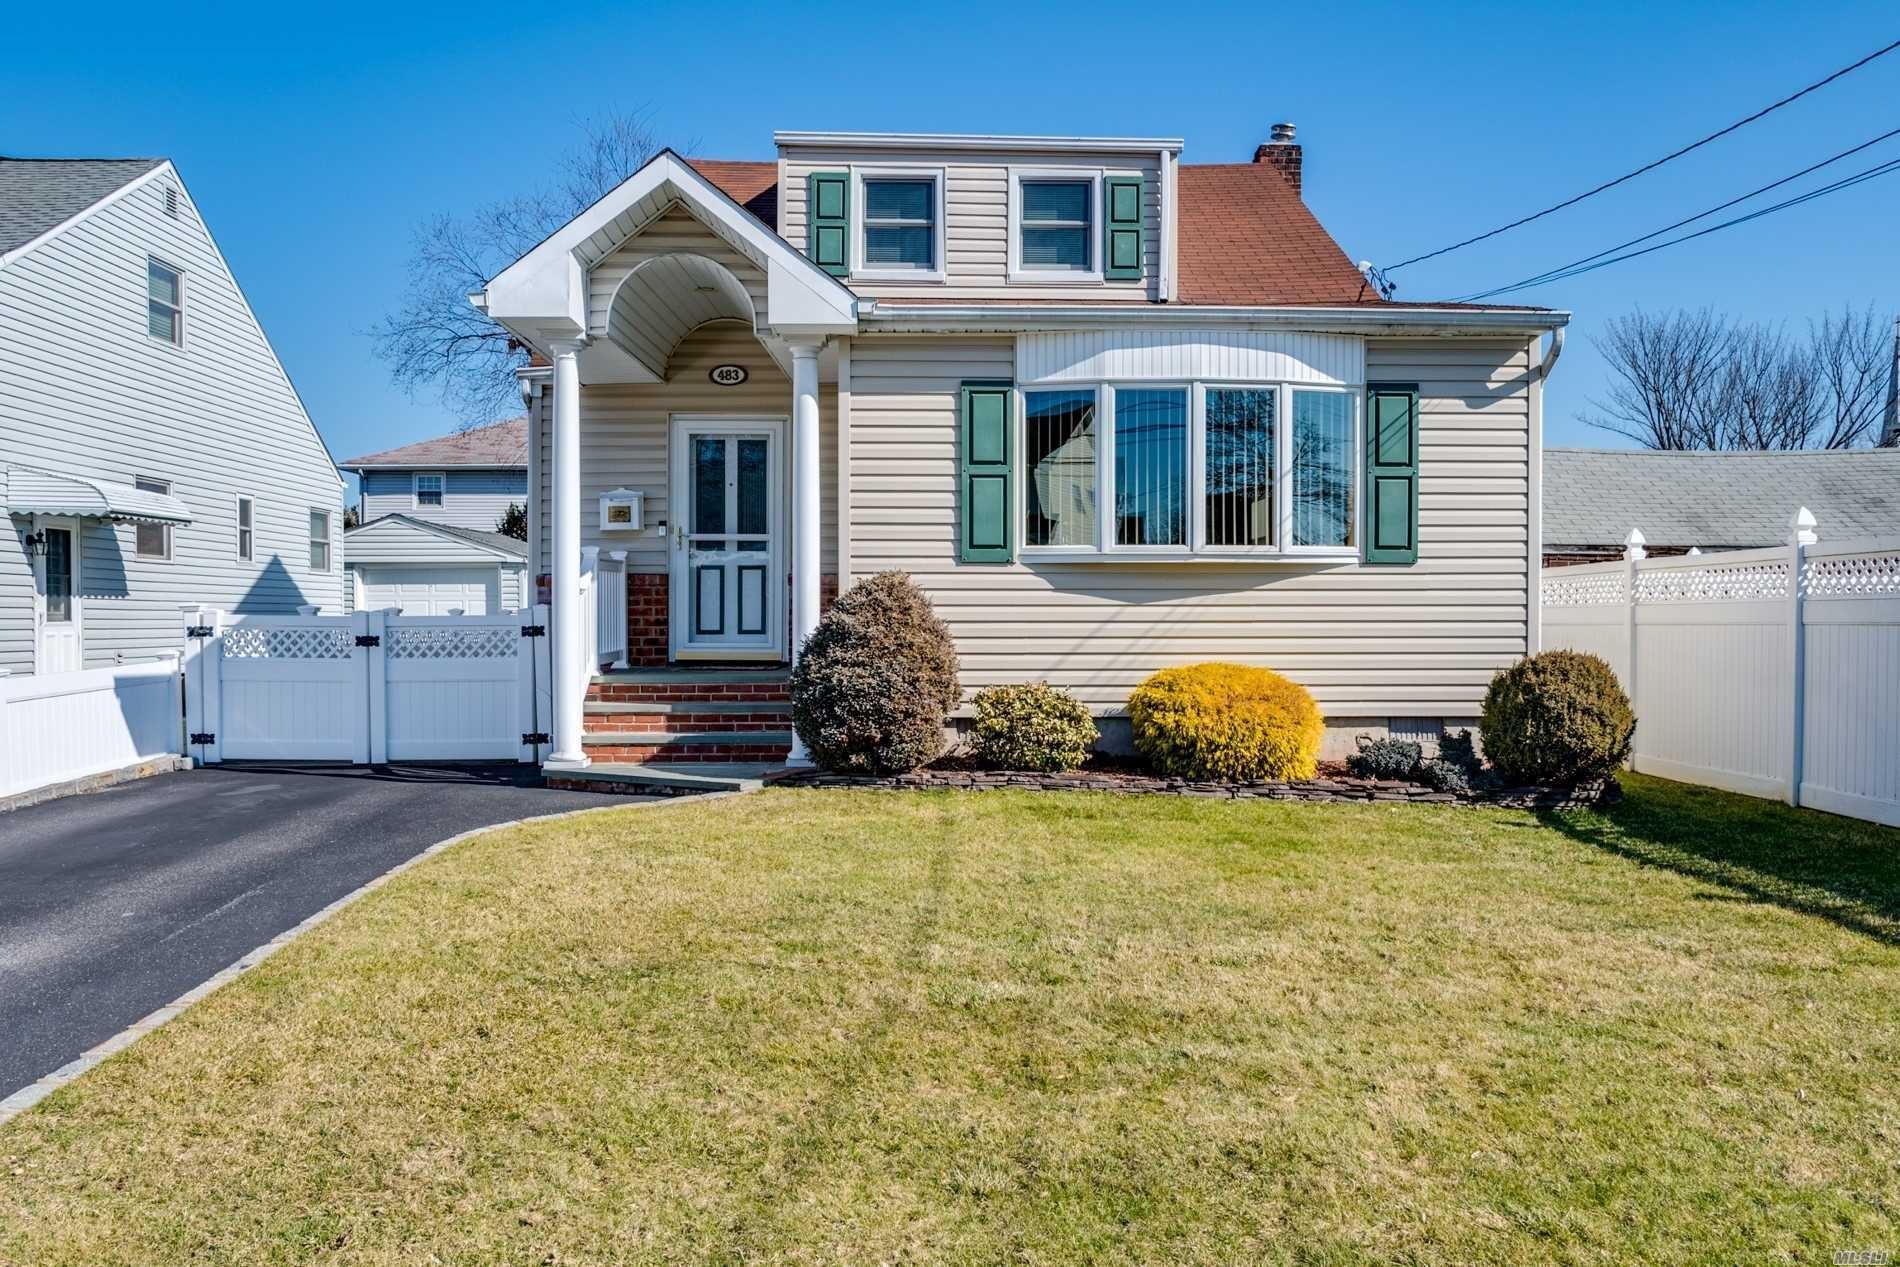 483 Maitland Street, East Meadow, NY 11554 - MLS#: 3203265